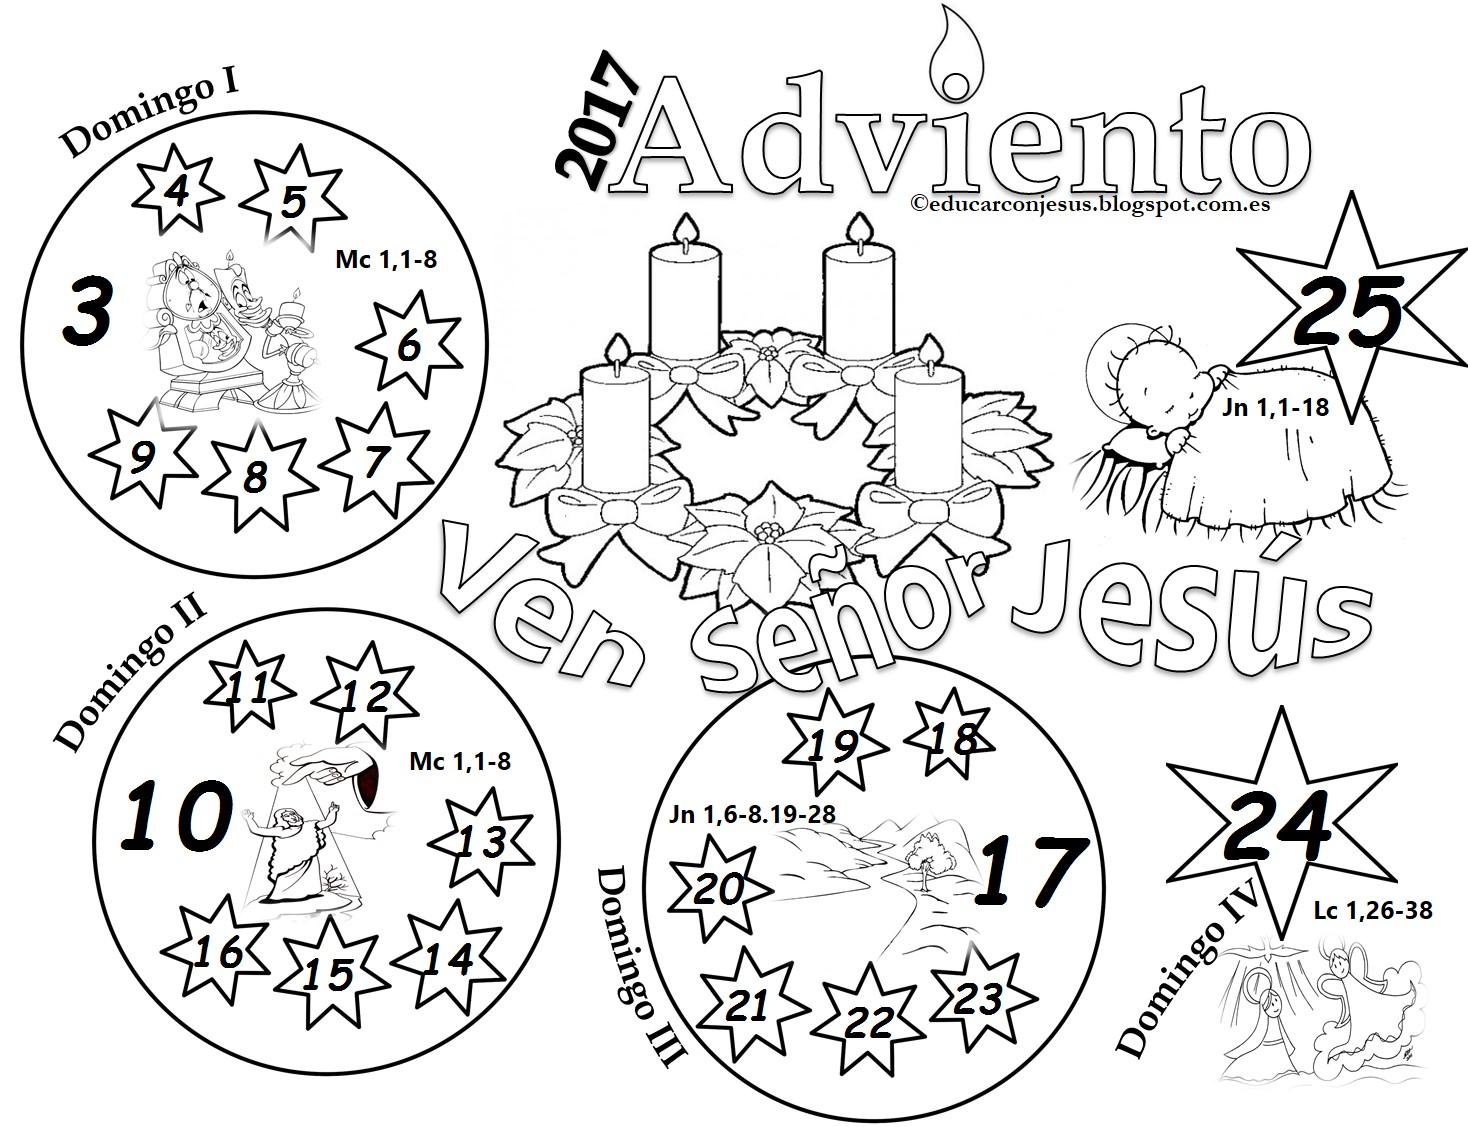 calendarios de adviento 2017 para colorear e imprimir para nios fuente educarconjesus